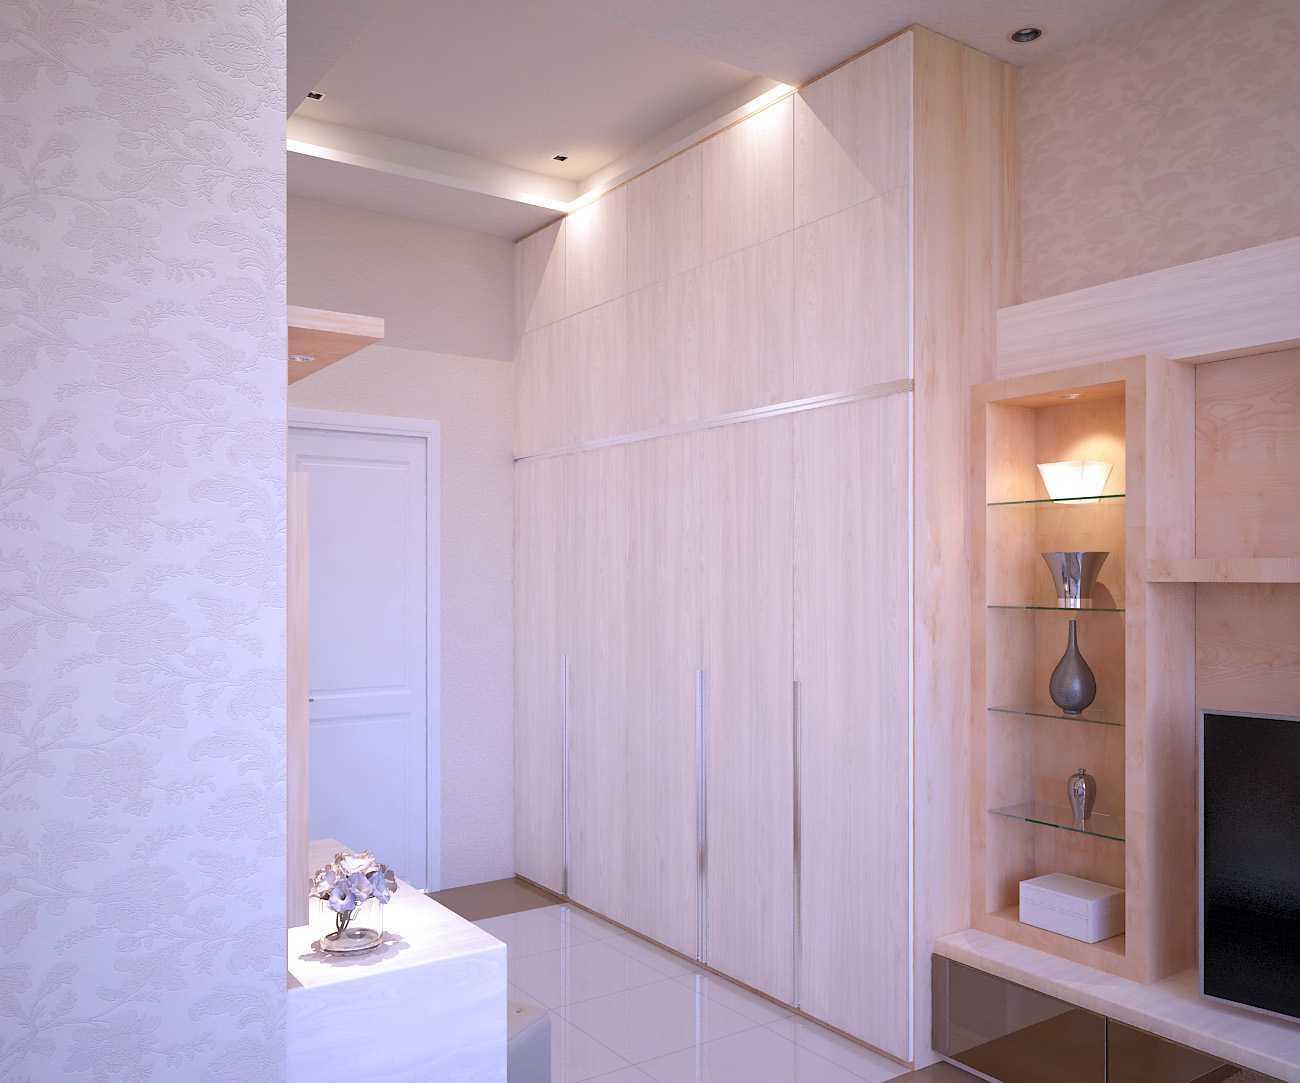 Acia Interior Master Bedroom Banjarmasin, Kota Banjarmasin, Kalimantan Selatan, Indonesia Kabupaten Kapuas, Kalimantan Tengah, Indonesia Acia-Interior-Master-Bedroom   51743